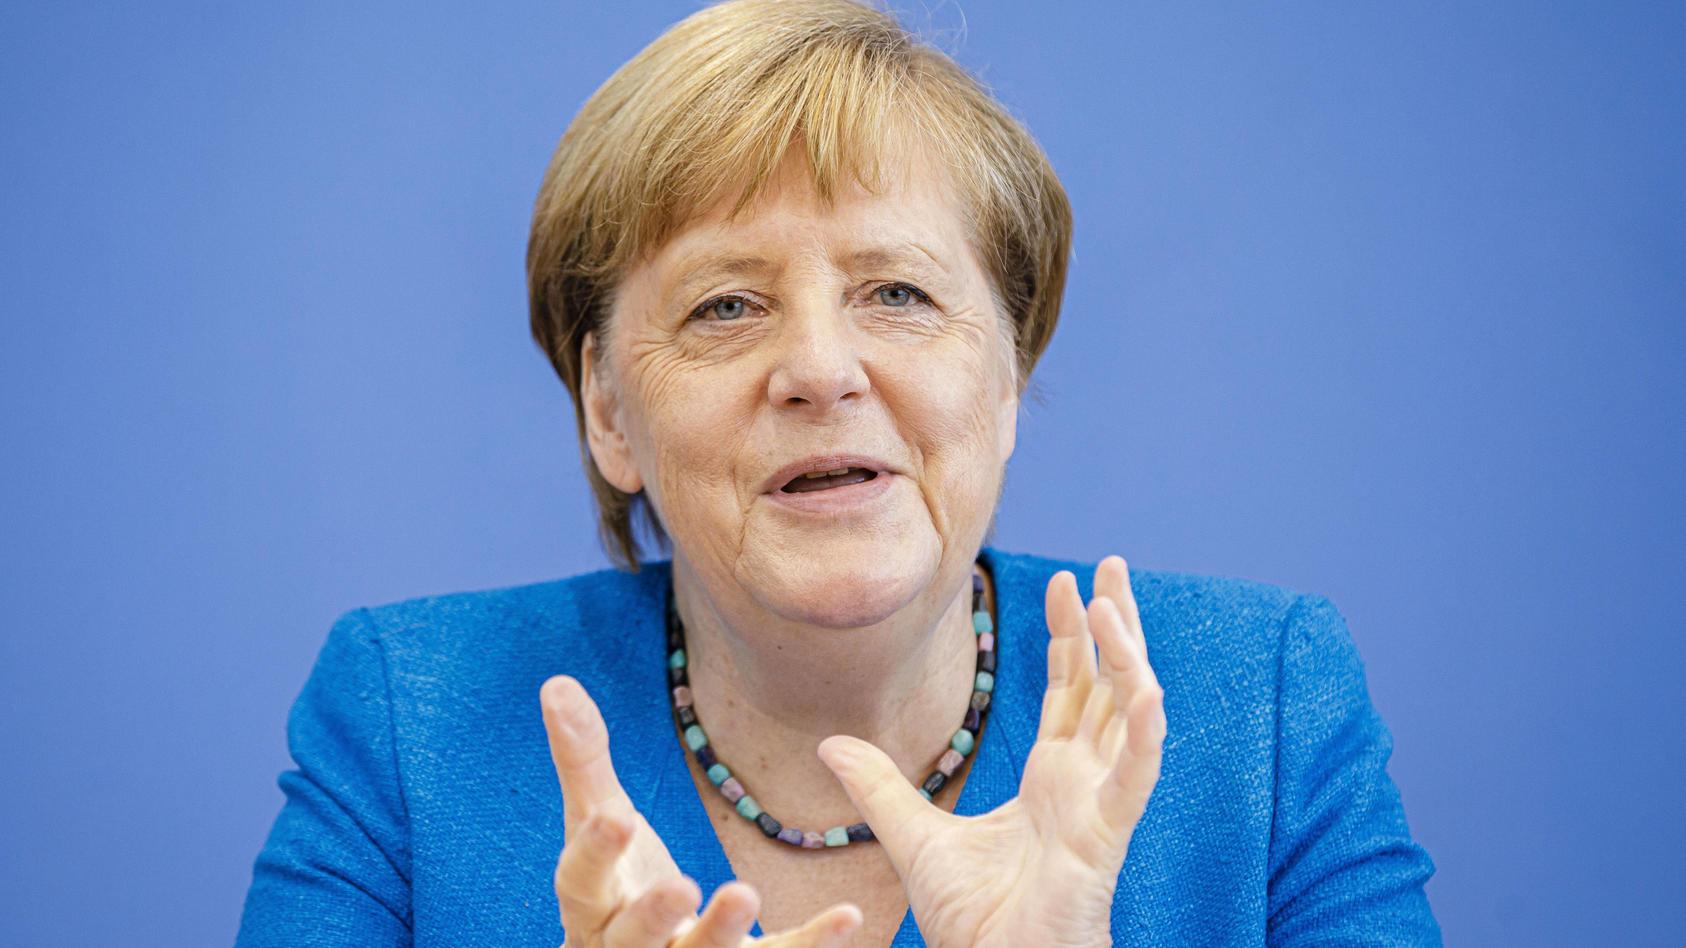 Die meisten Deutschen unterstützen die neuen Corona-Beschlüsse von Bundeskanzlerin Angela Merkel und den Ministerpräsidenten